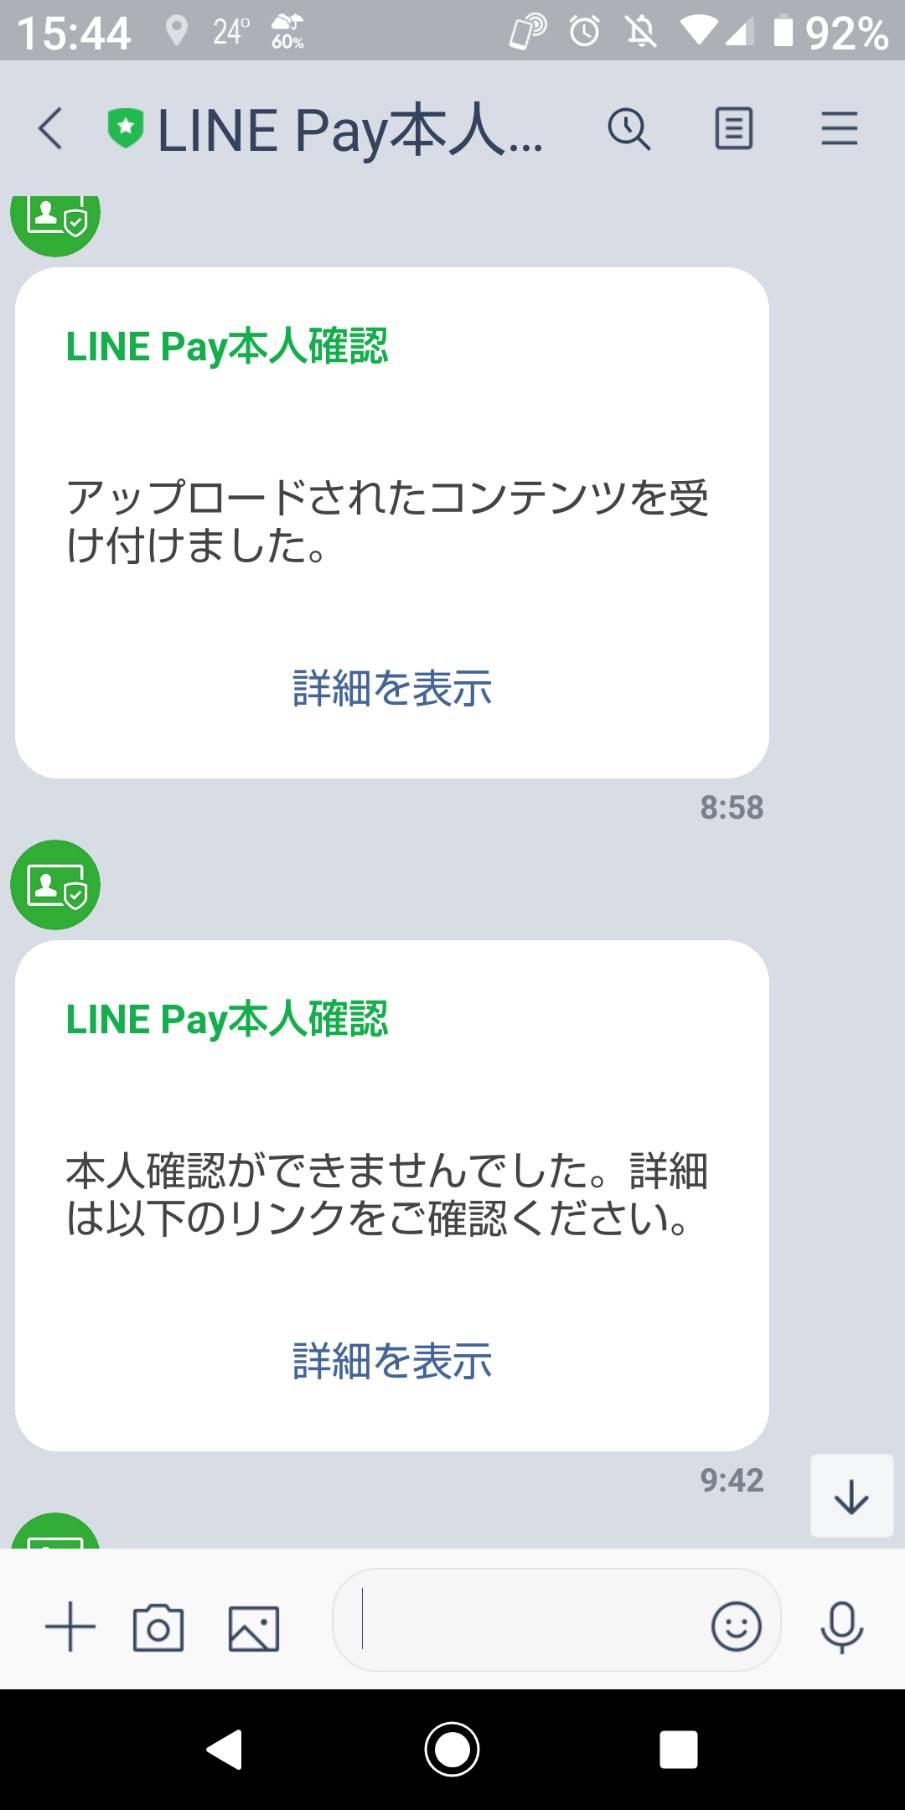 審査 Line ポケット 時間 マネー